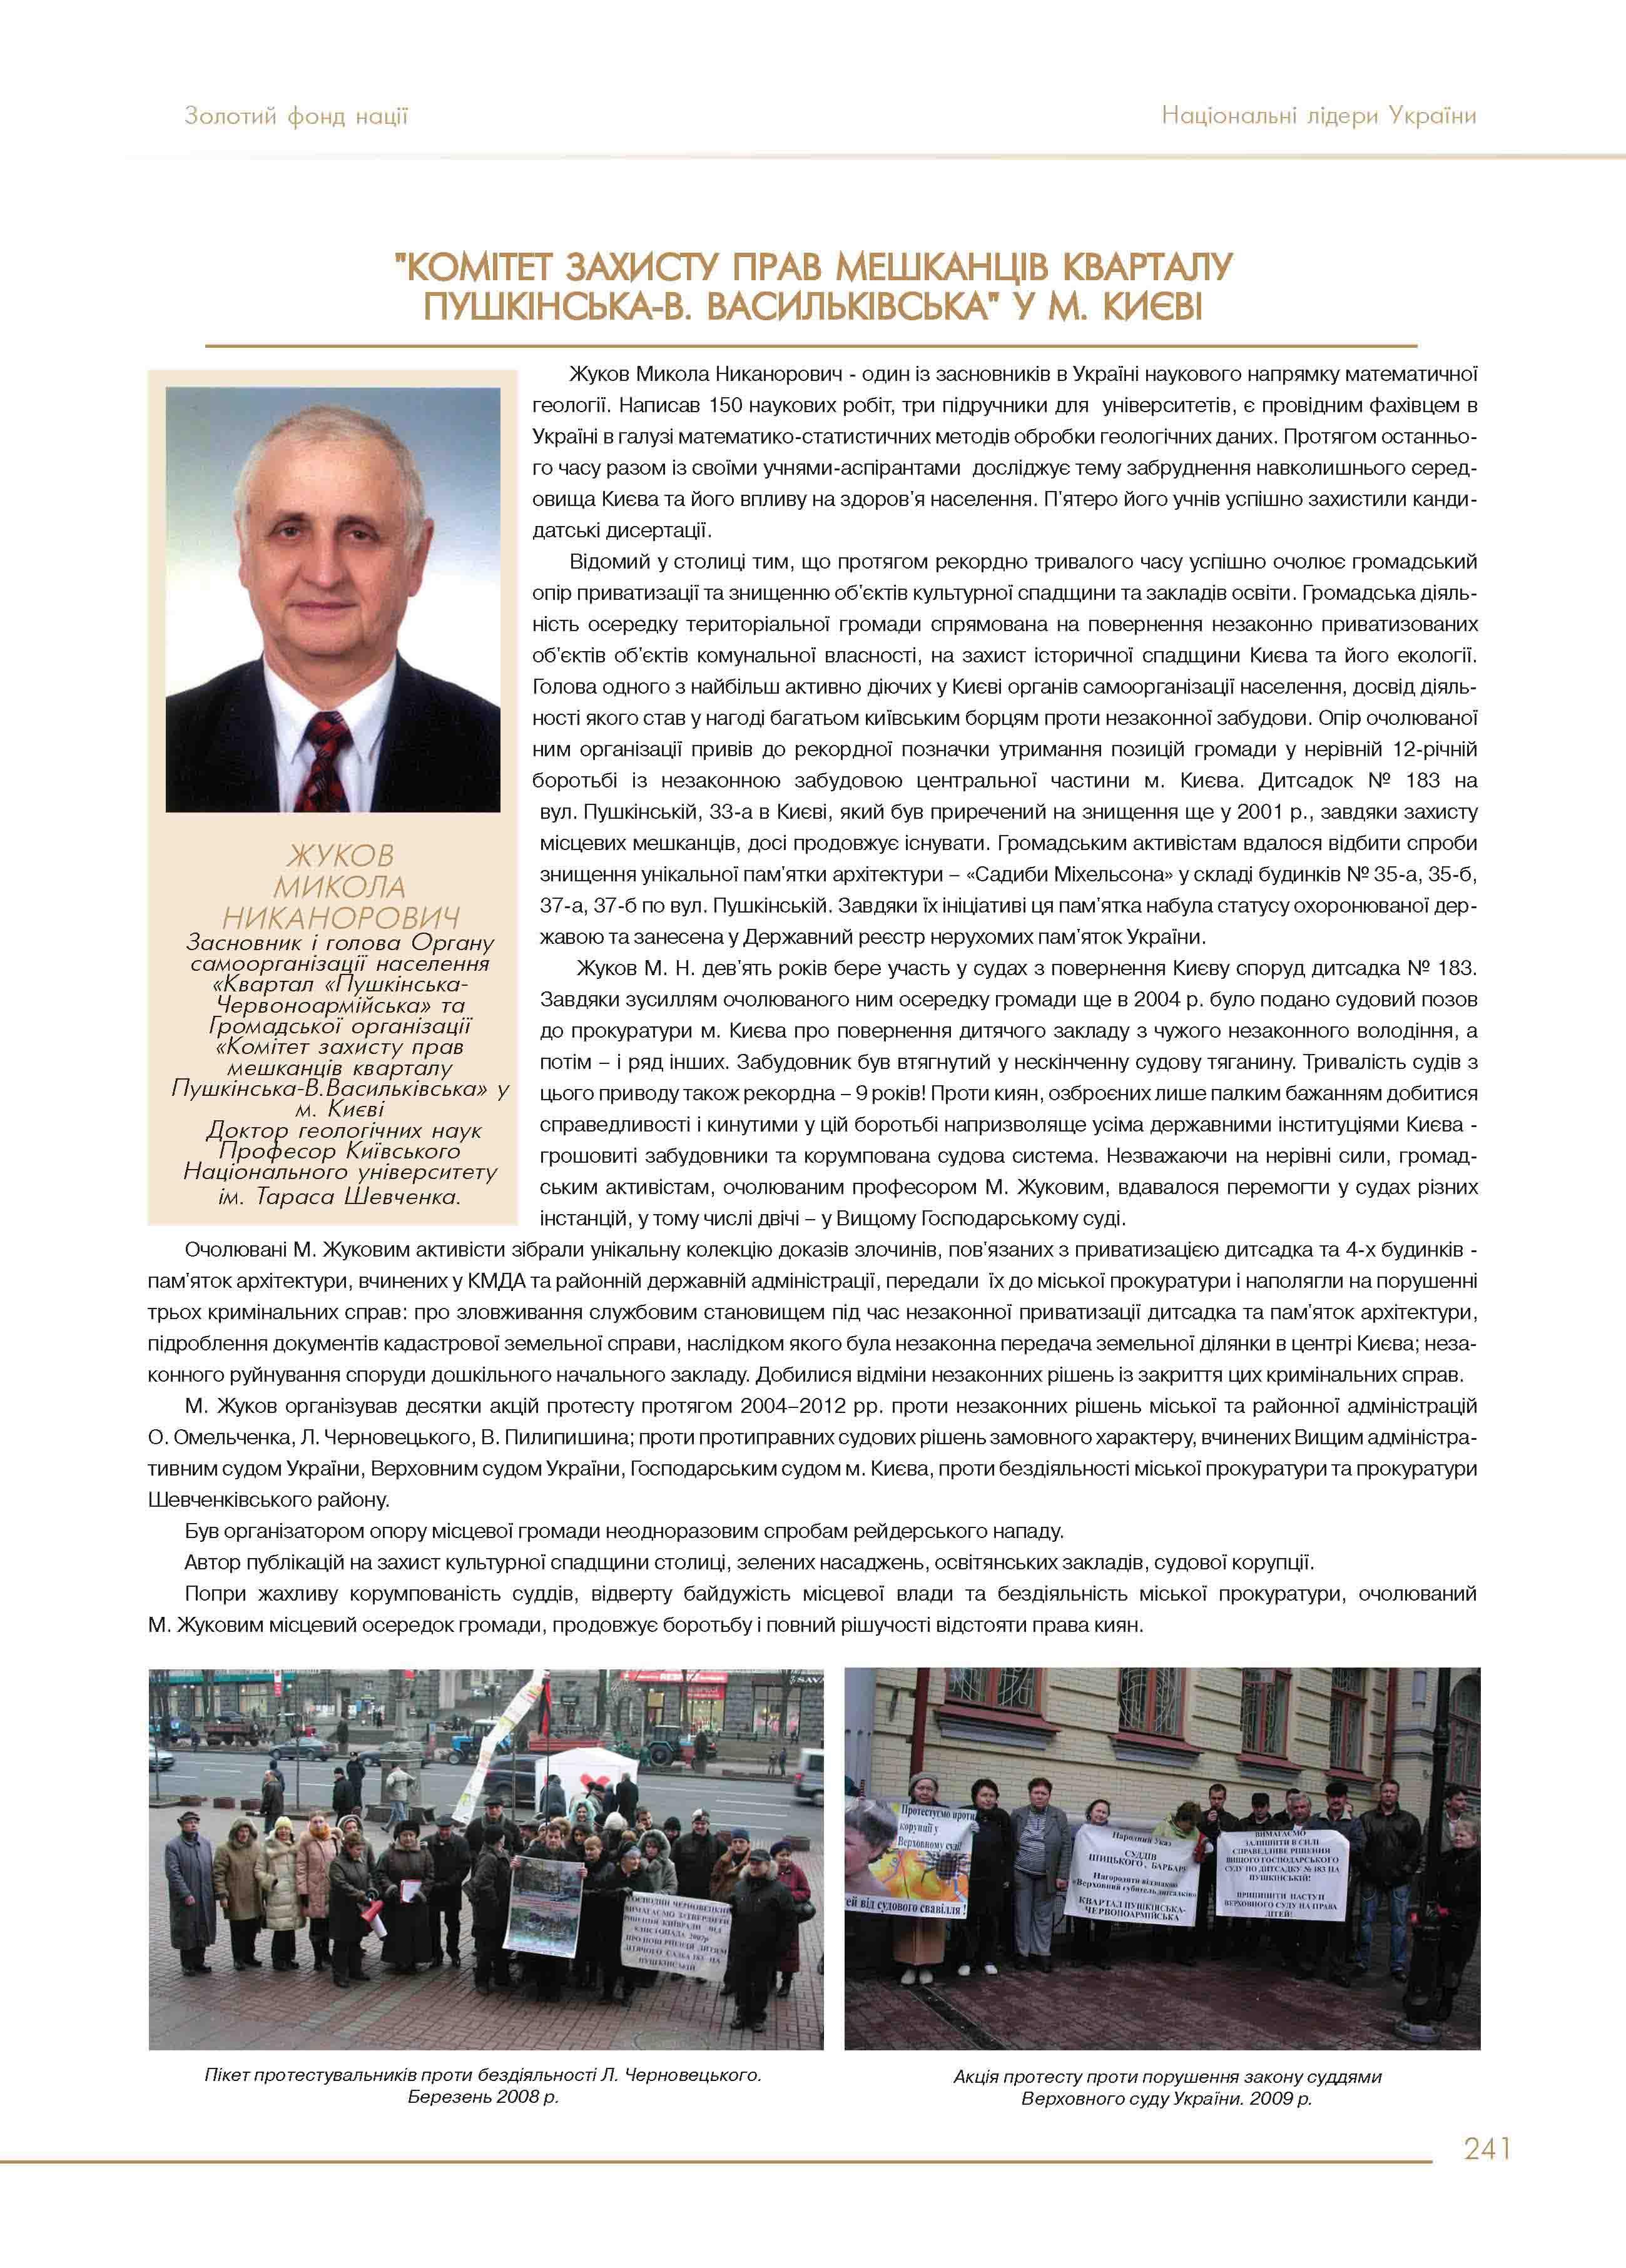 Жуков Микола Никанорович. Засновник і голова Органу самоорганізації населення